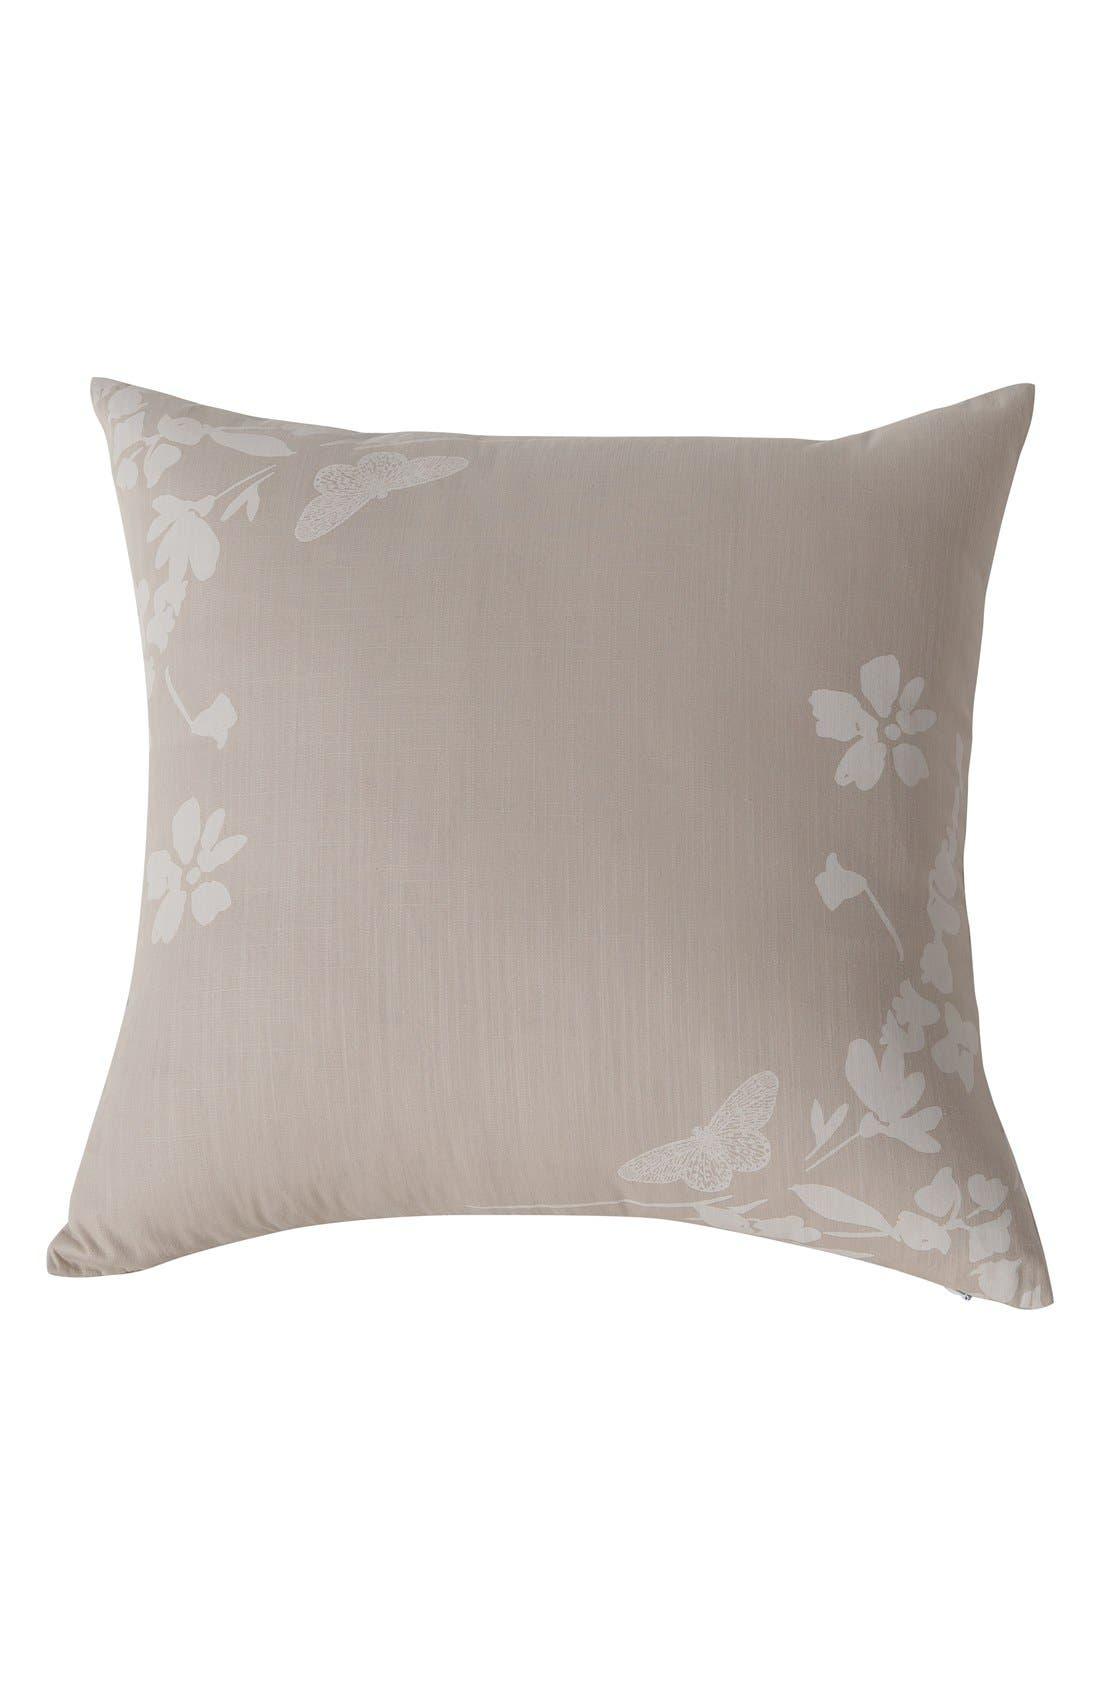 kensie 'Laramie' Accent Pillow